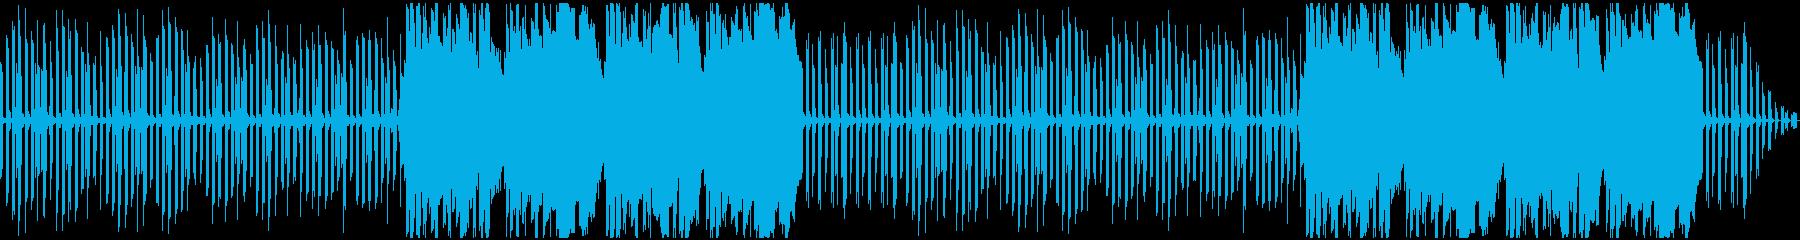 ほのぼの日常のシンプルなエレピ曲の再生済みの波形